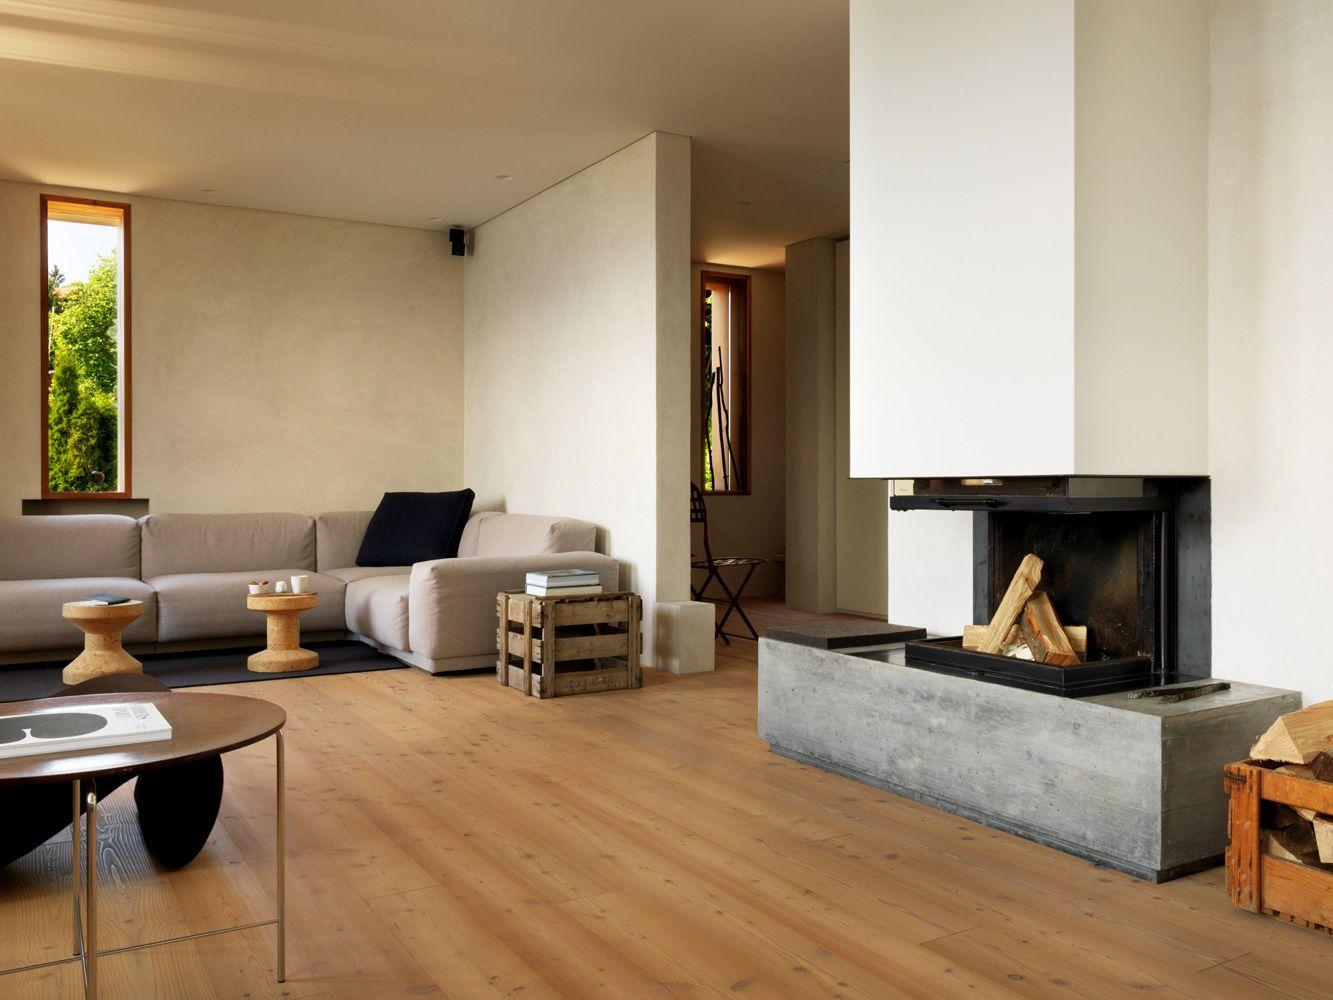 Edles Wohnzimmer Mit Dielenboden Und Offenem Kamin